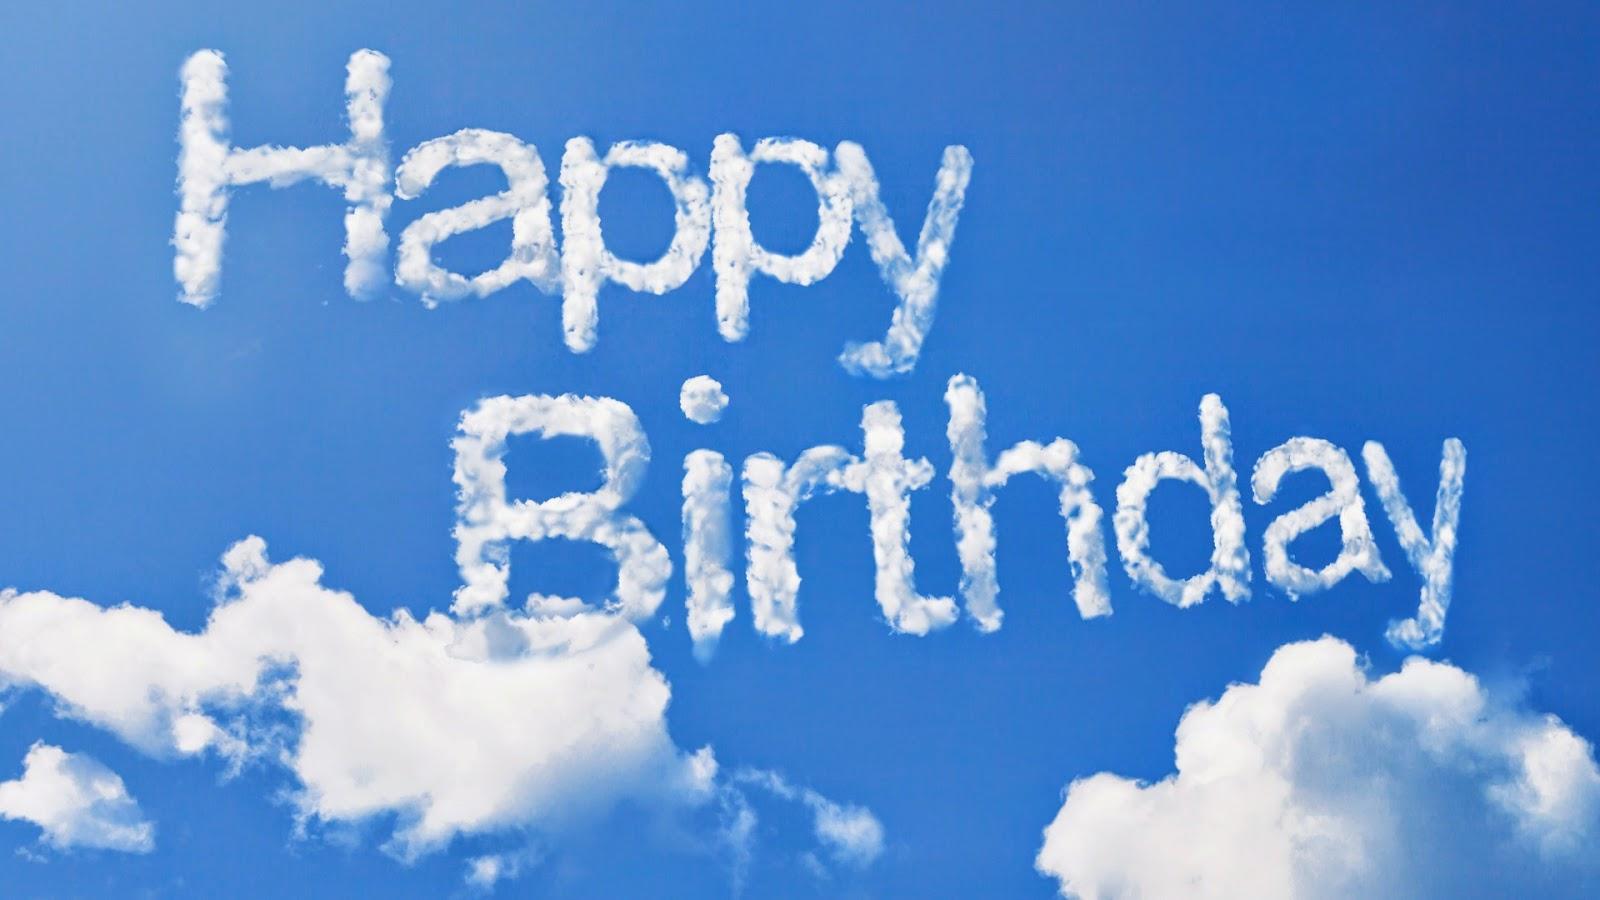 Every India Shayari Images 2017 Hindi Shayari Shayari In Wish Happy Birthday In